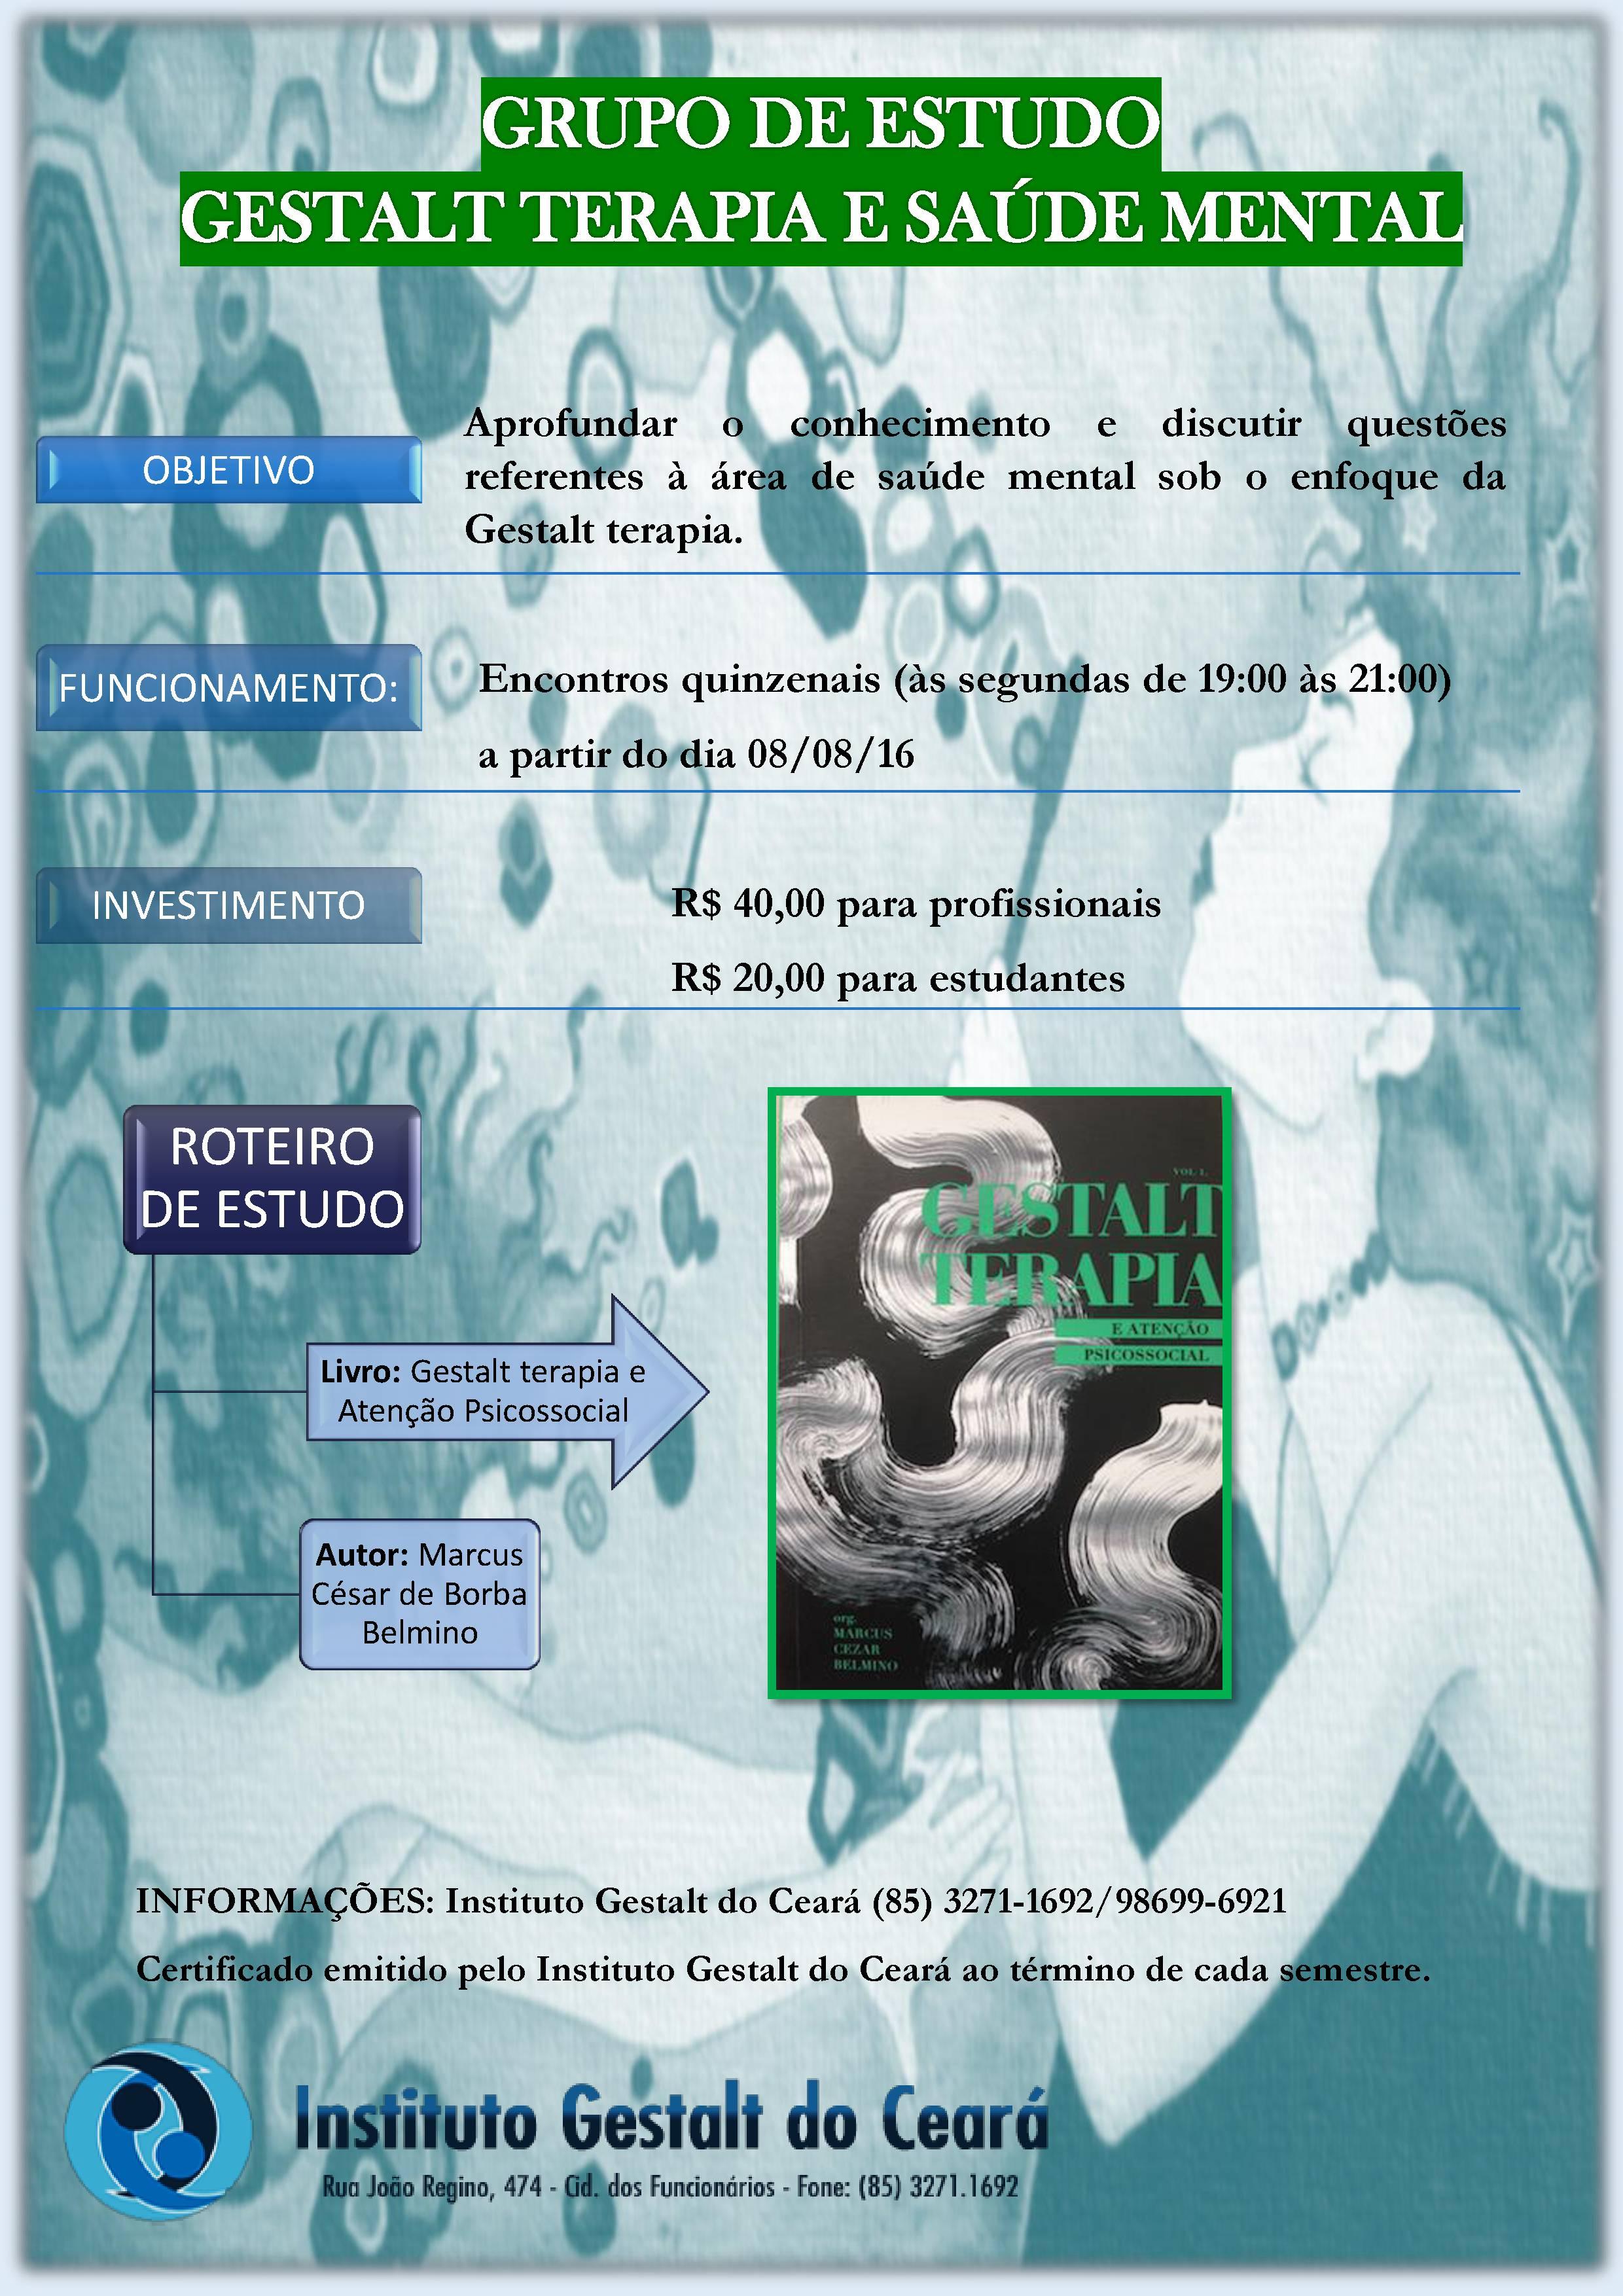 Grupo de Estudos Gestalt-terapia e Saúde Mental